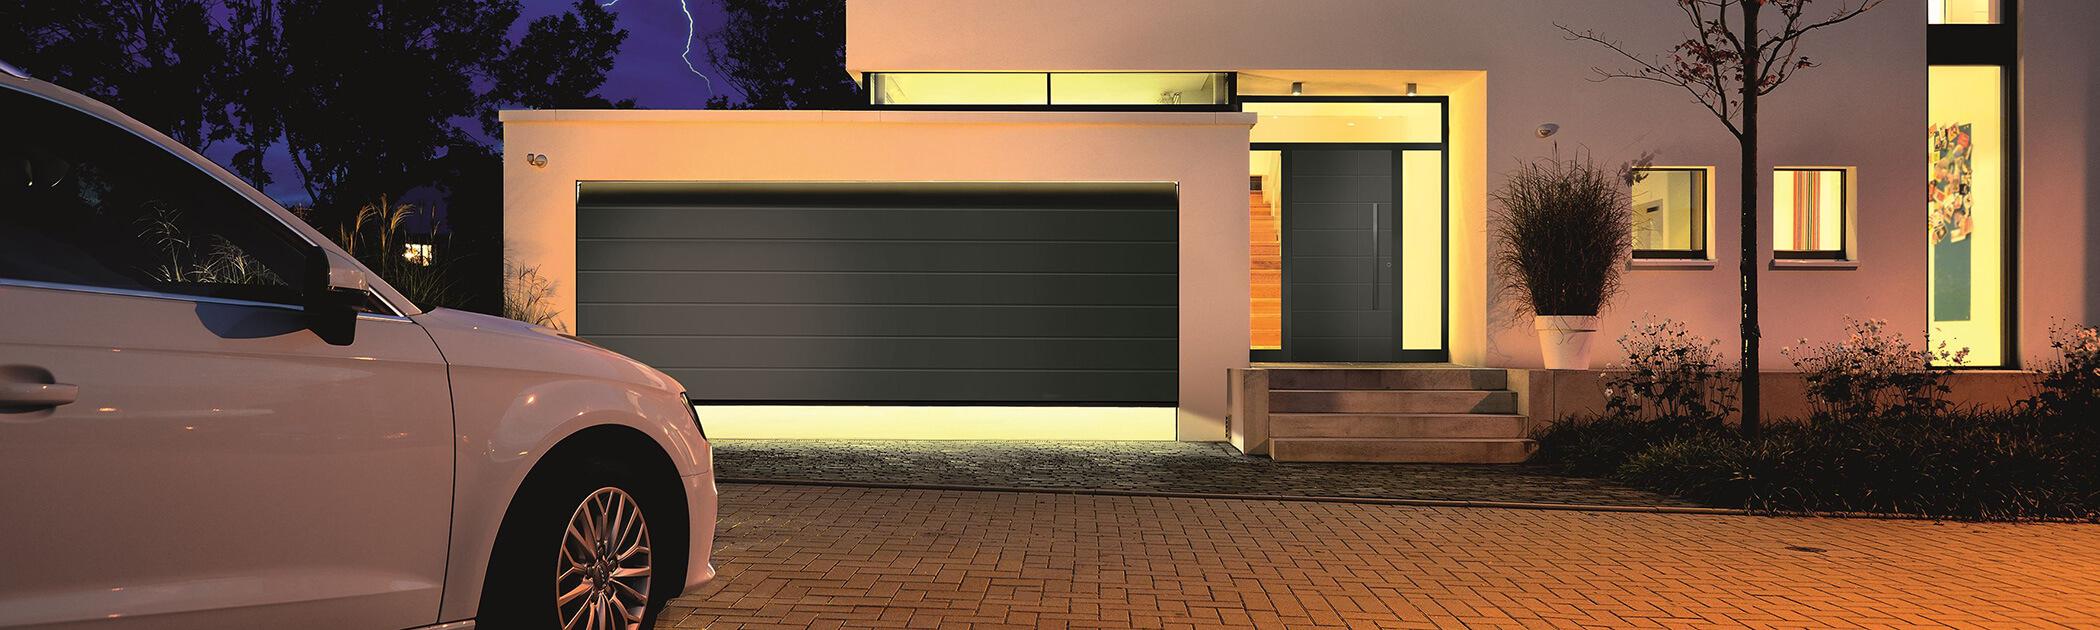 Electric Garage Doors Power Doors Garage Doors